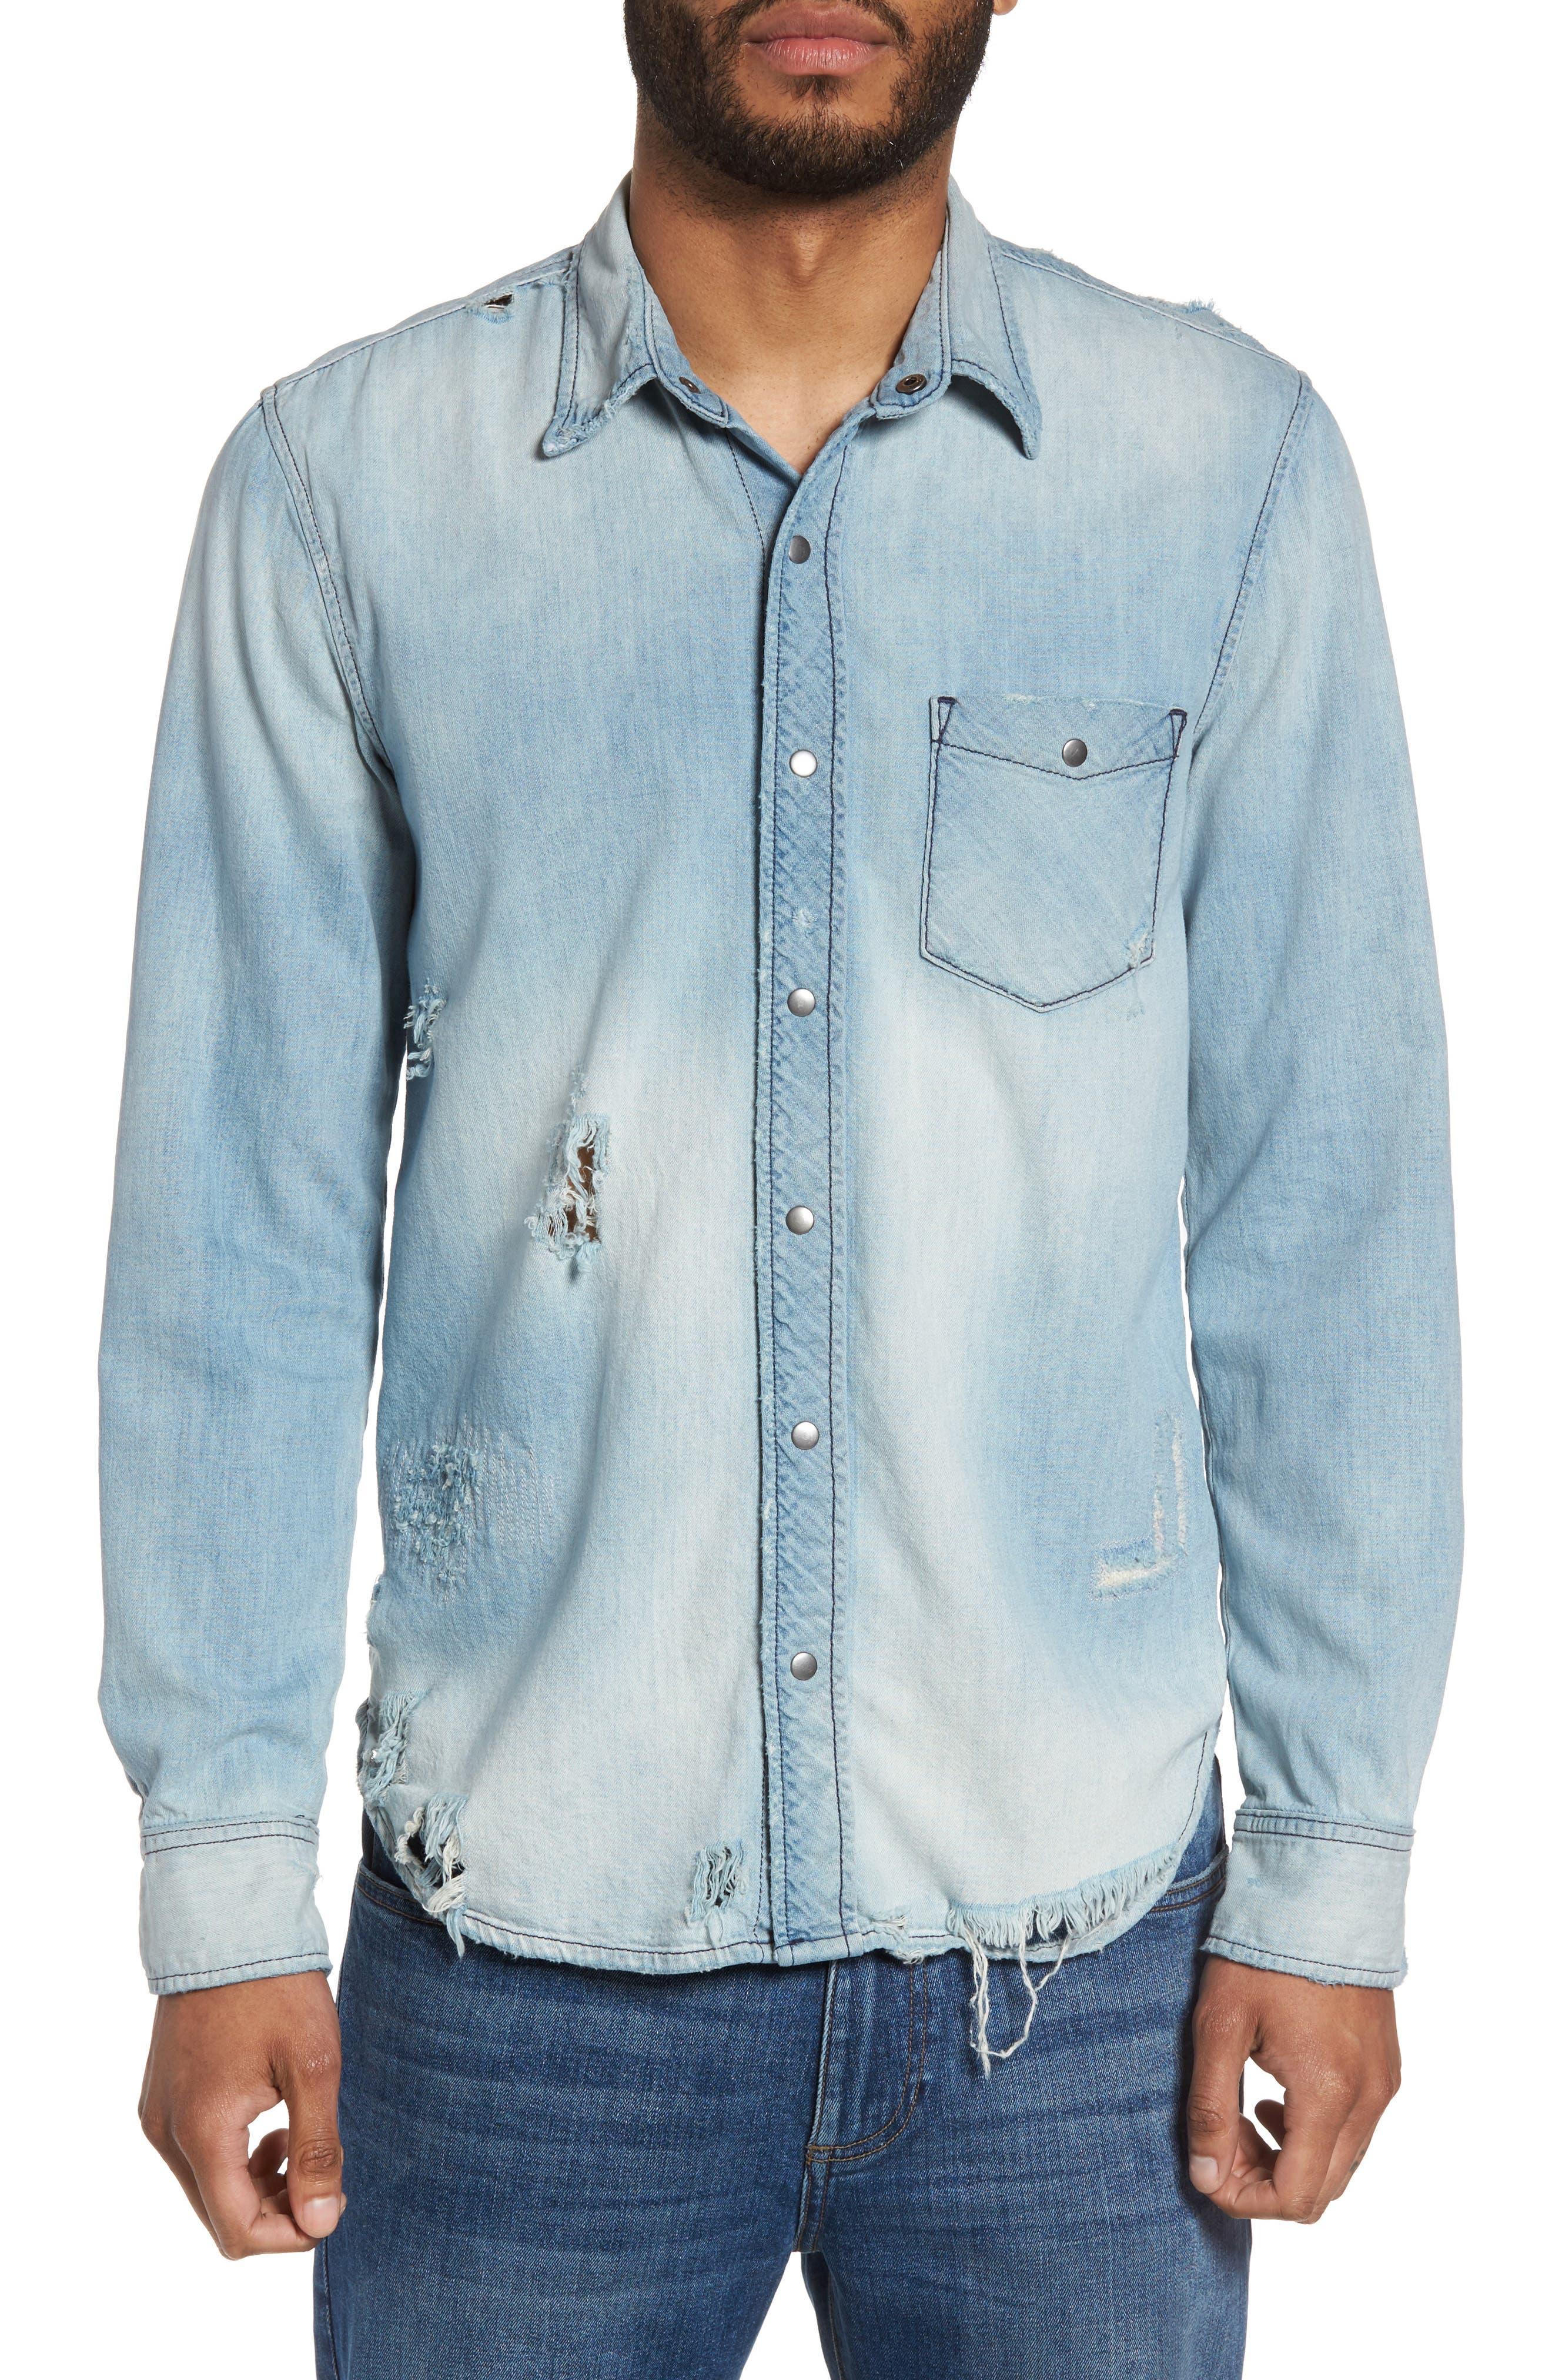 Alternate Image 1 Selected - Hudson Weston Slim Fit Destructed Denim Shirt